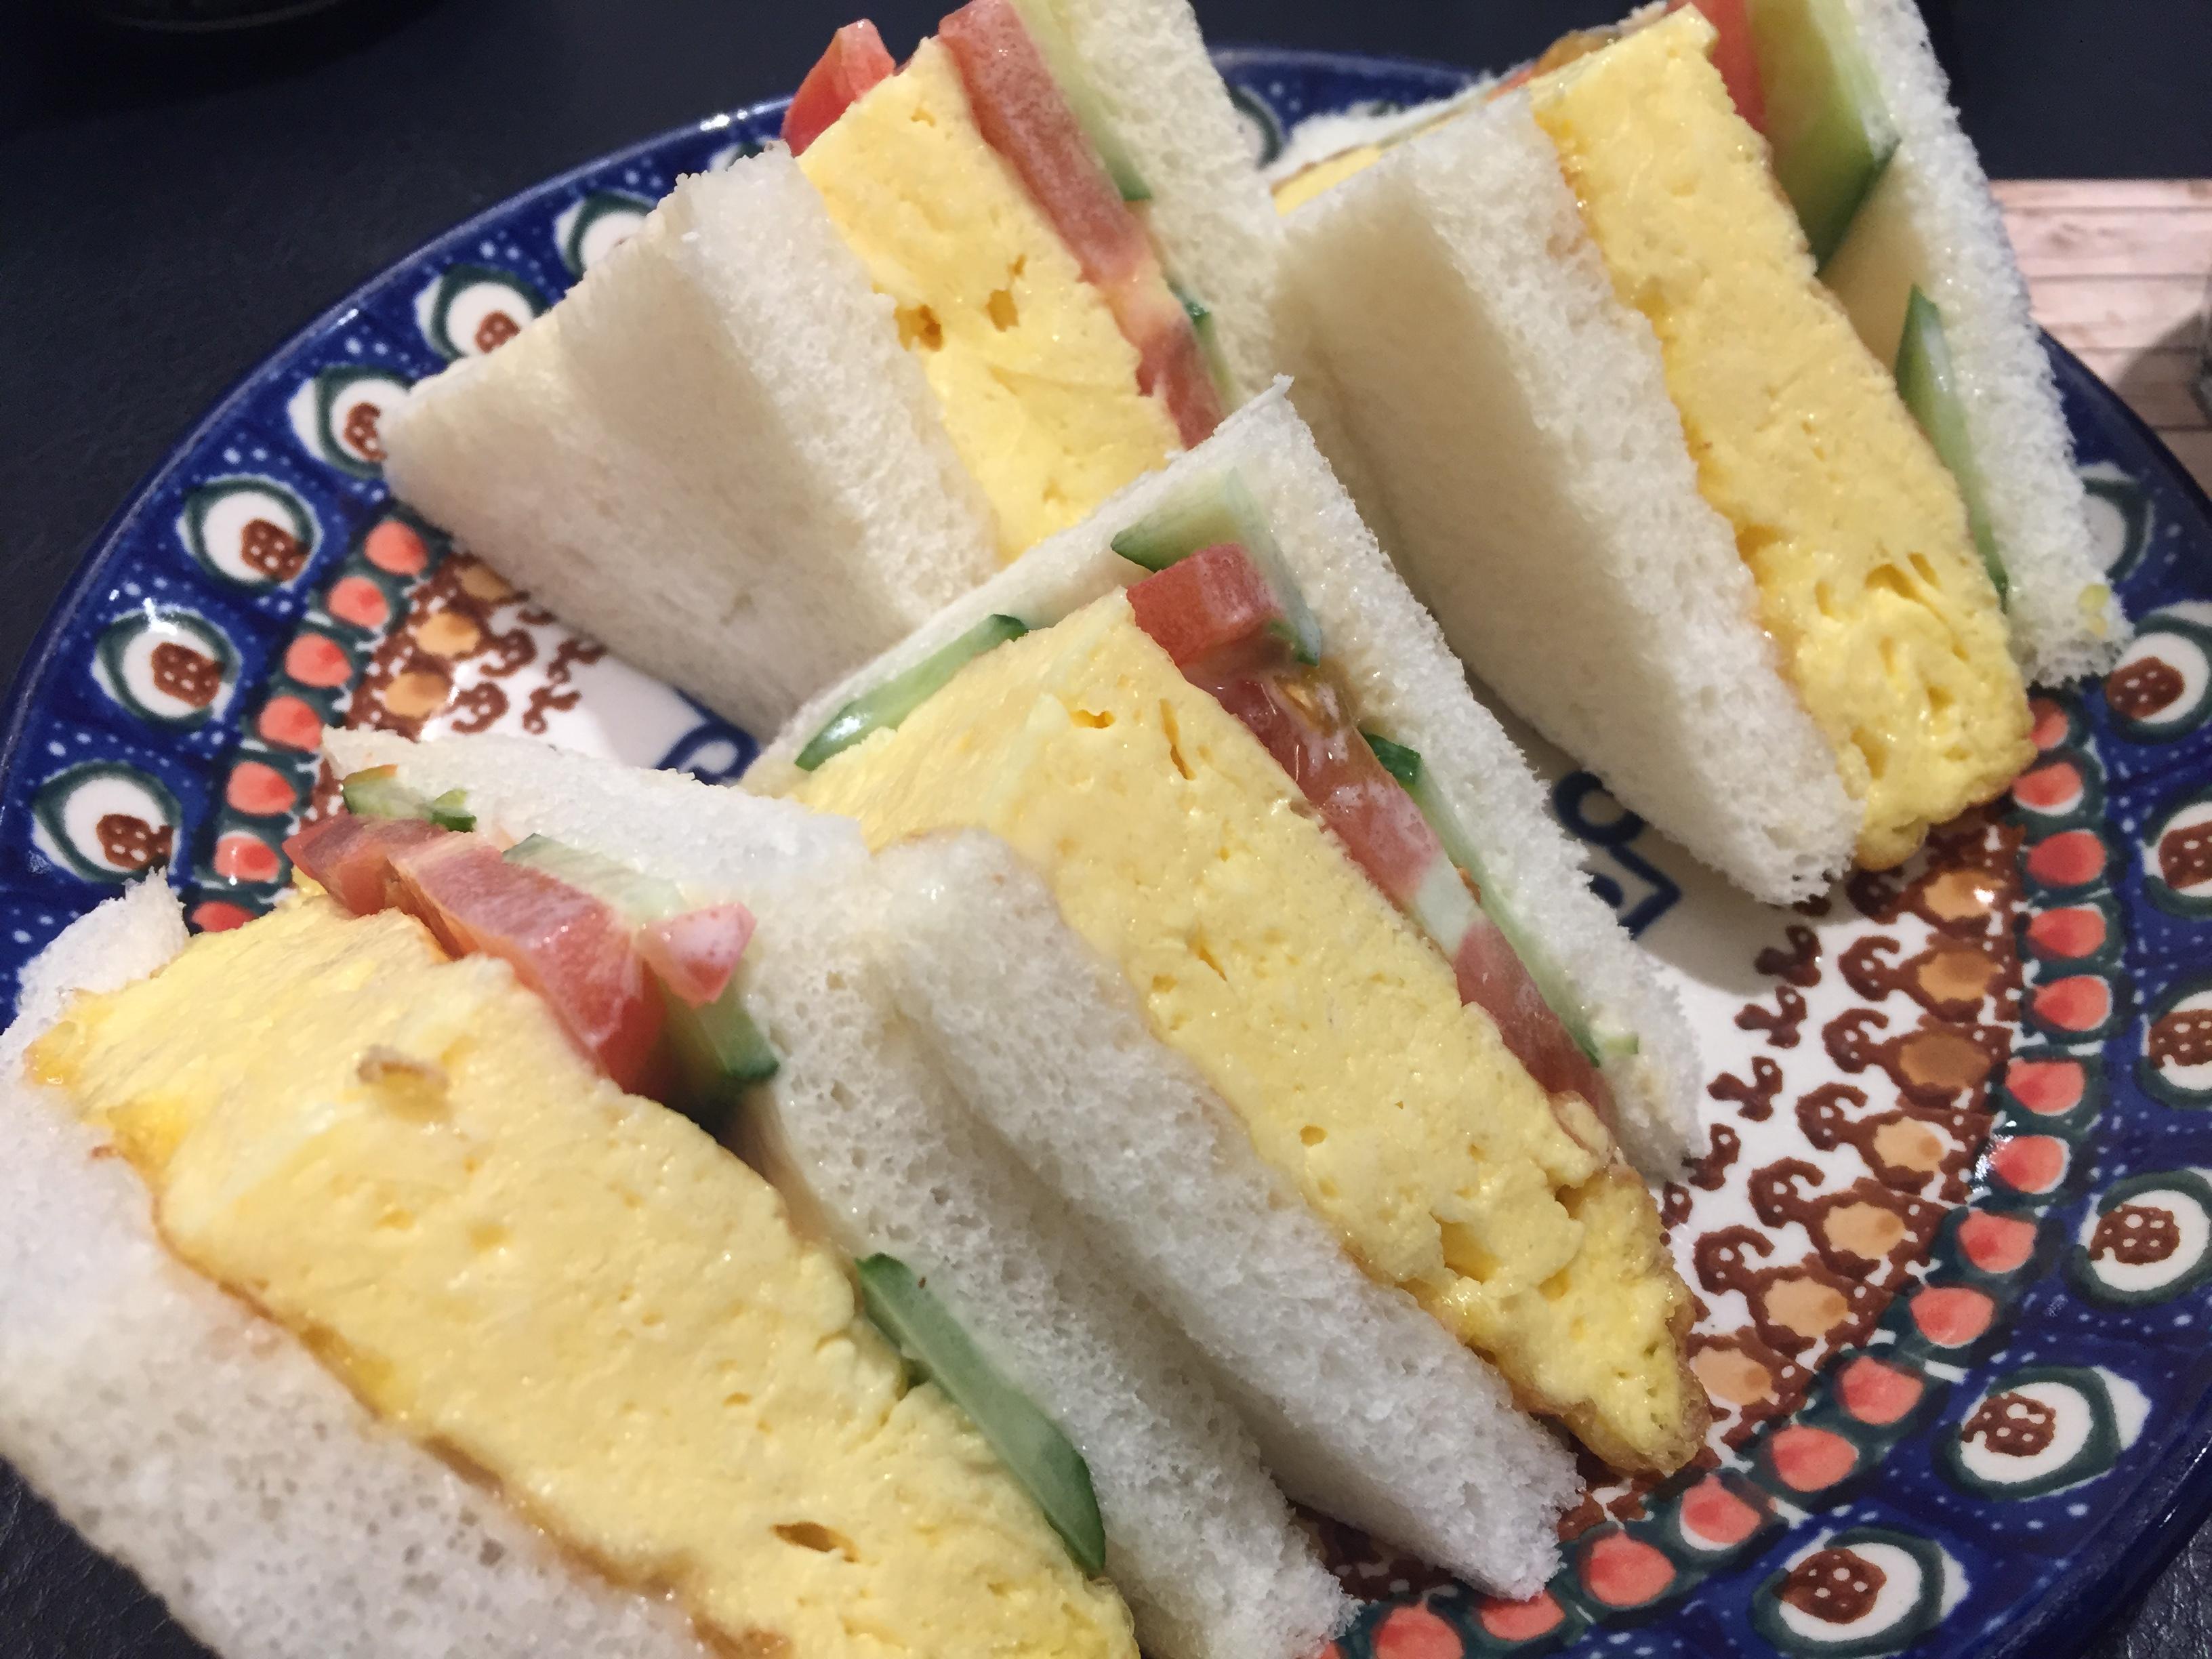 神戸・灘の「水道筋商店街」で話題の「玉子野菜サンド」を食してみた!【灘区特集】#水道筋商店街 #灘区 #ナダタマ